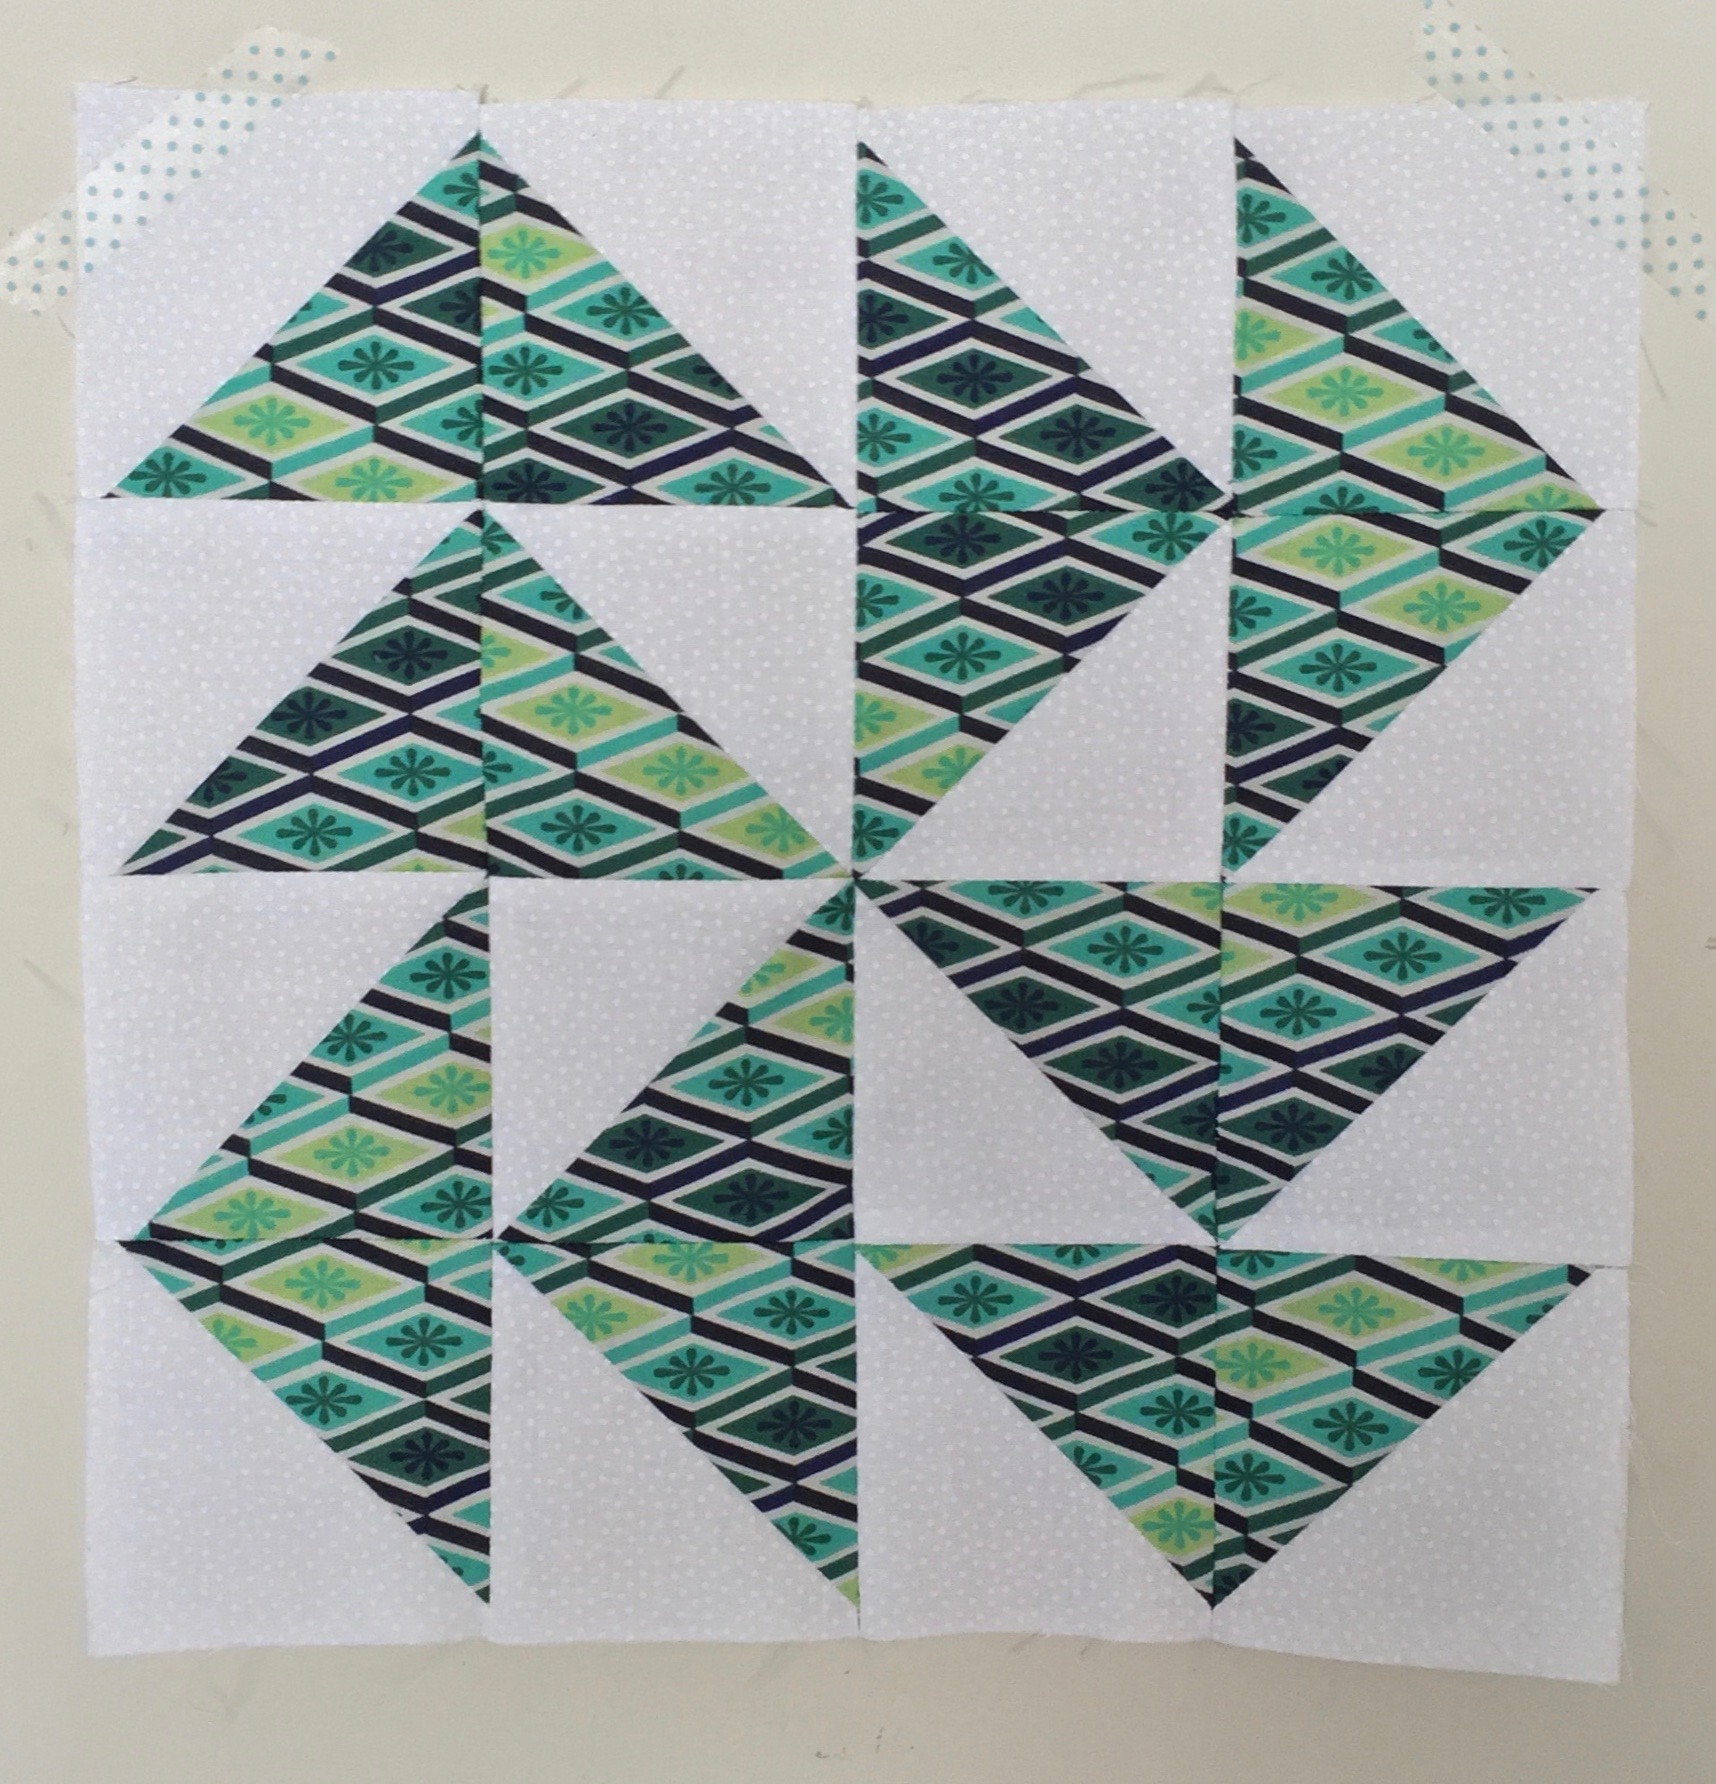 Dutchman's Puzzle  Half Square Triangle Quilt Block